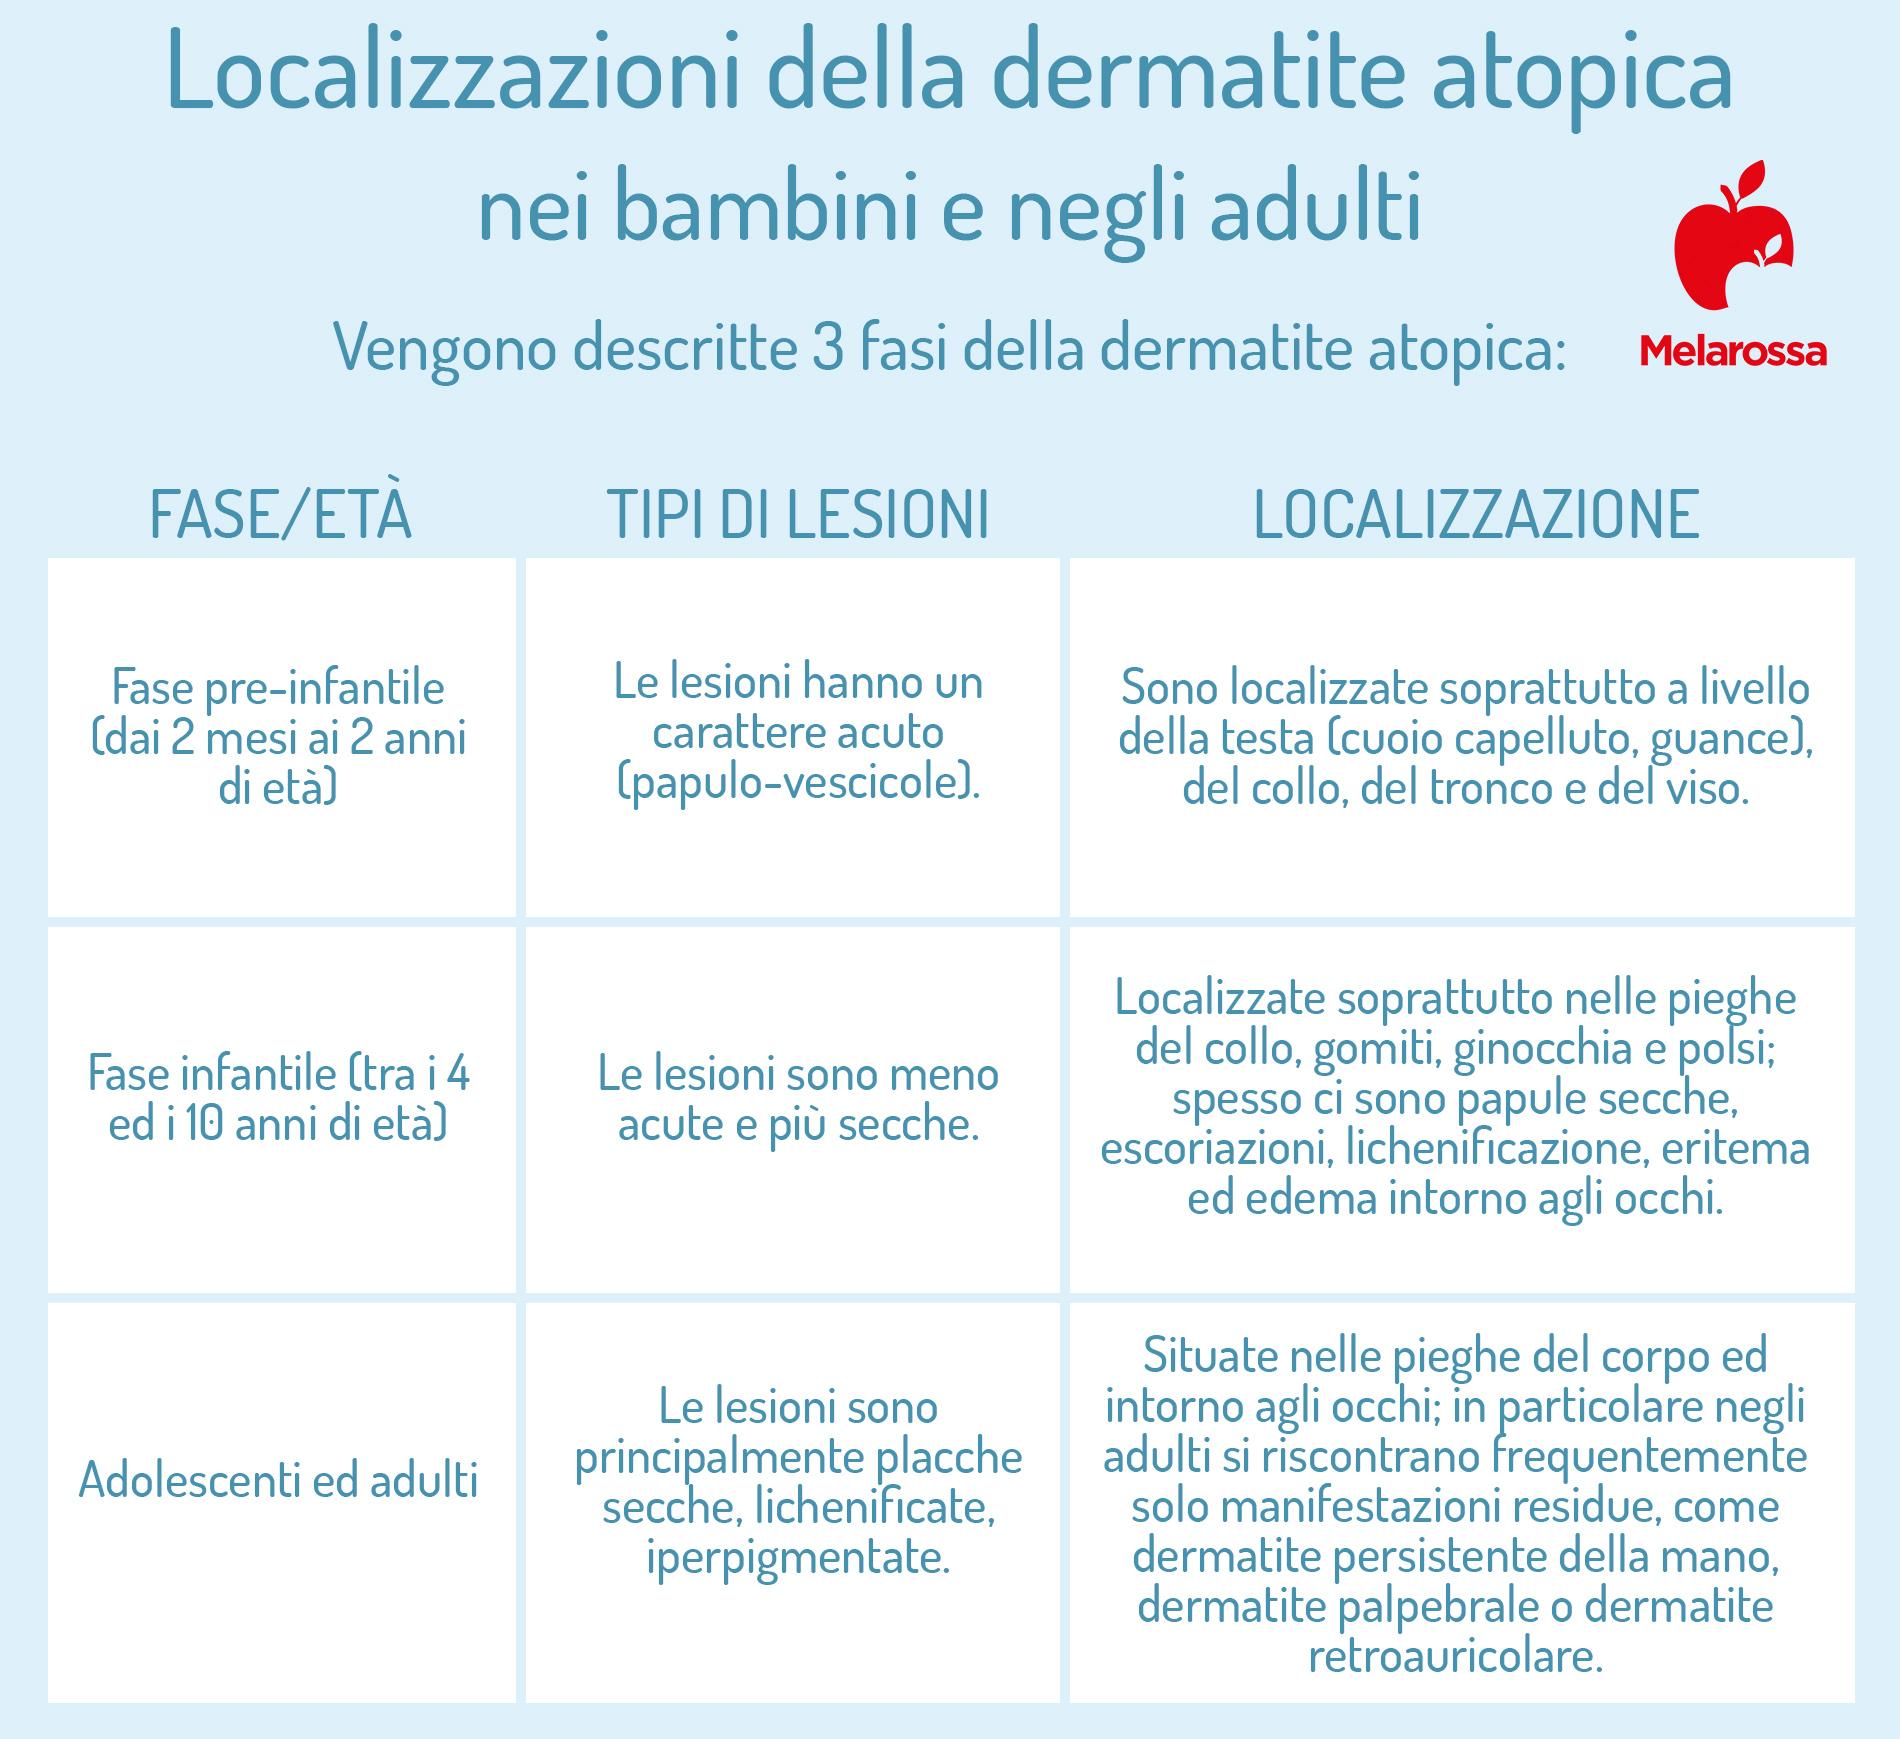 dermatite atopica: localizzazioni